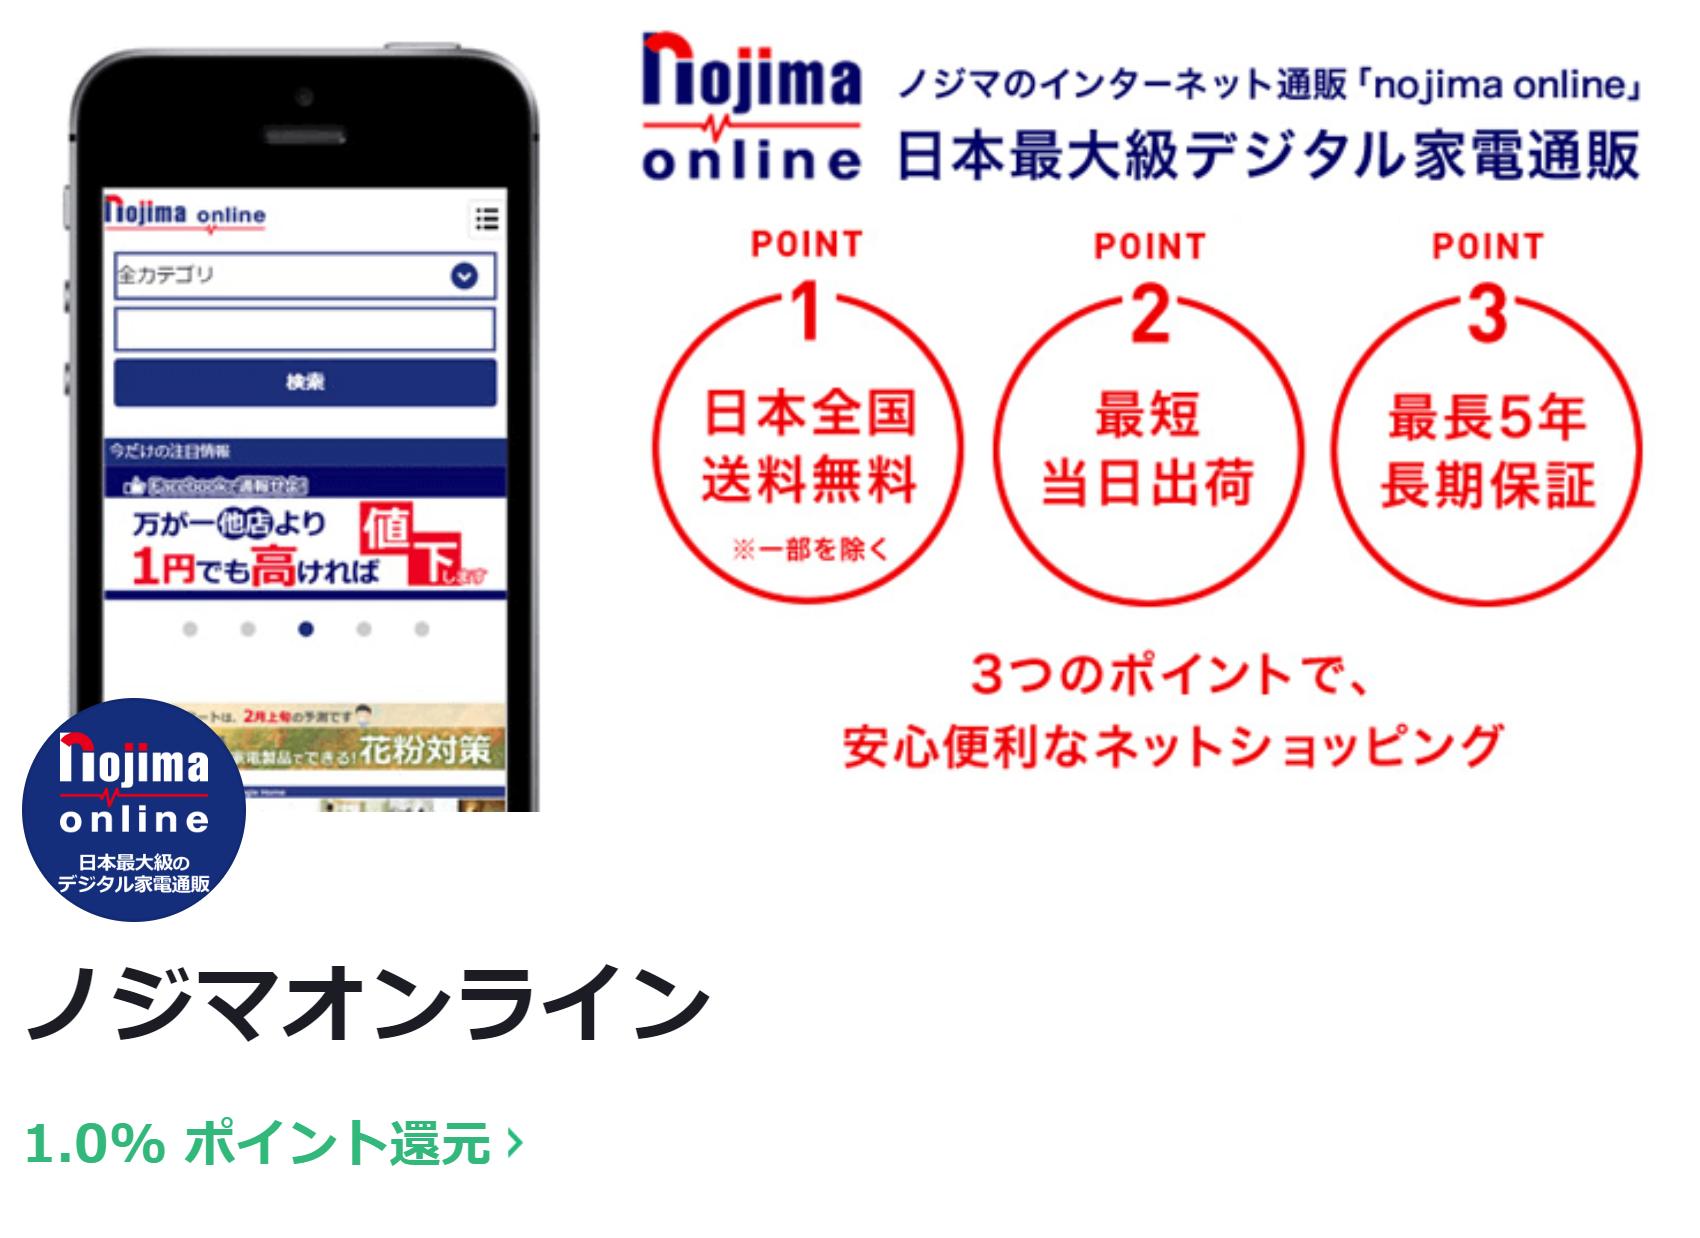 LINEショッピング 特別優待キャンペーン 10% ポイント せどり ノジマオンライン